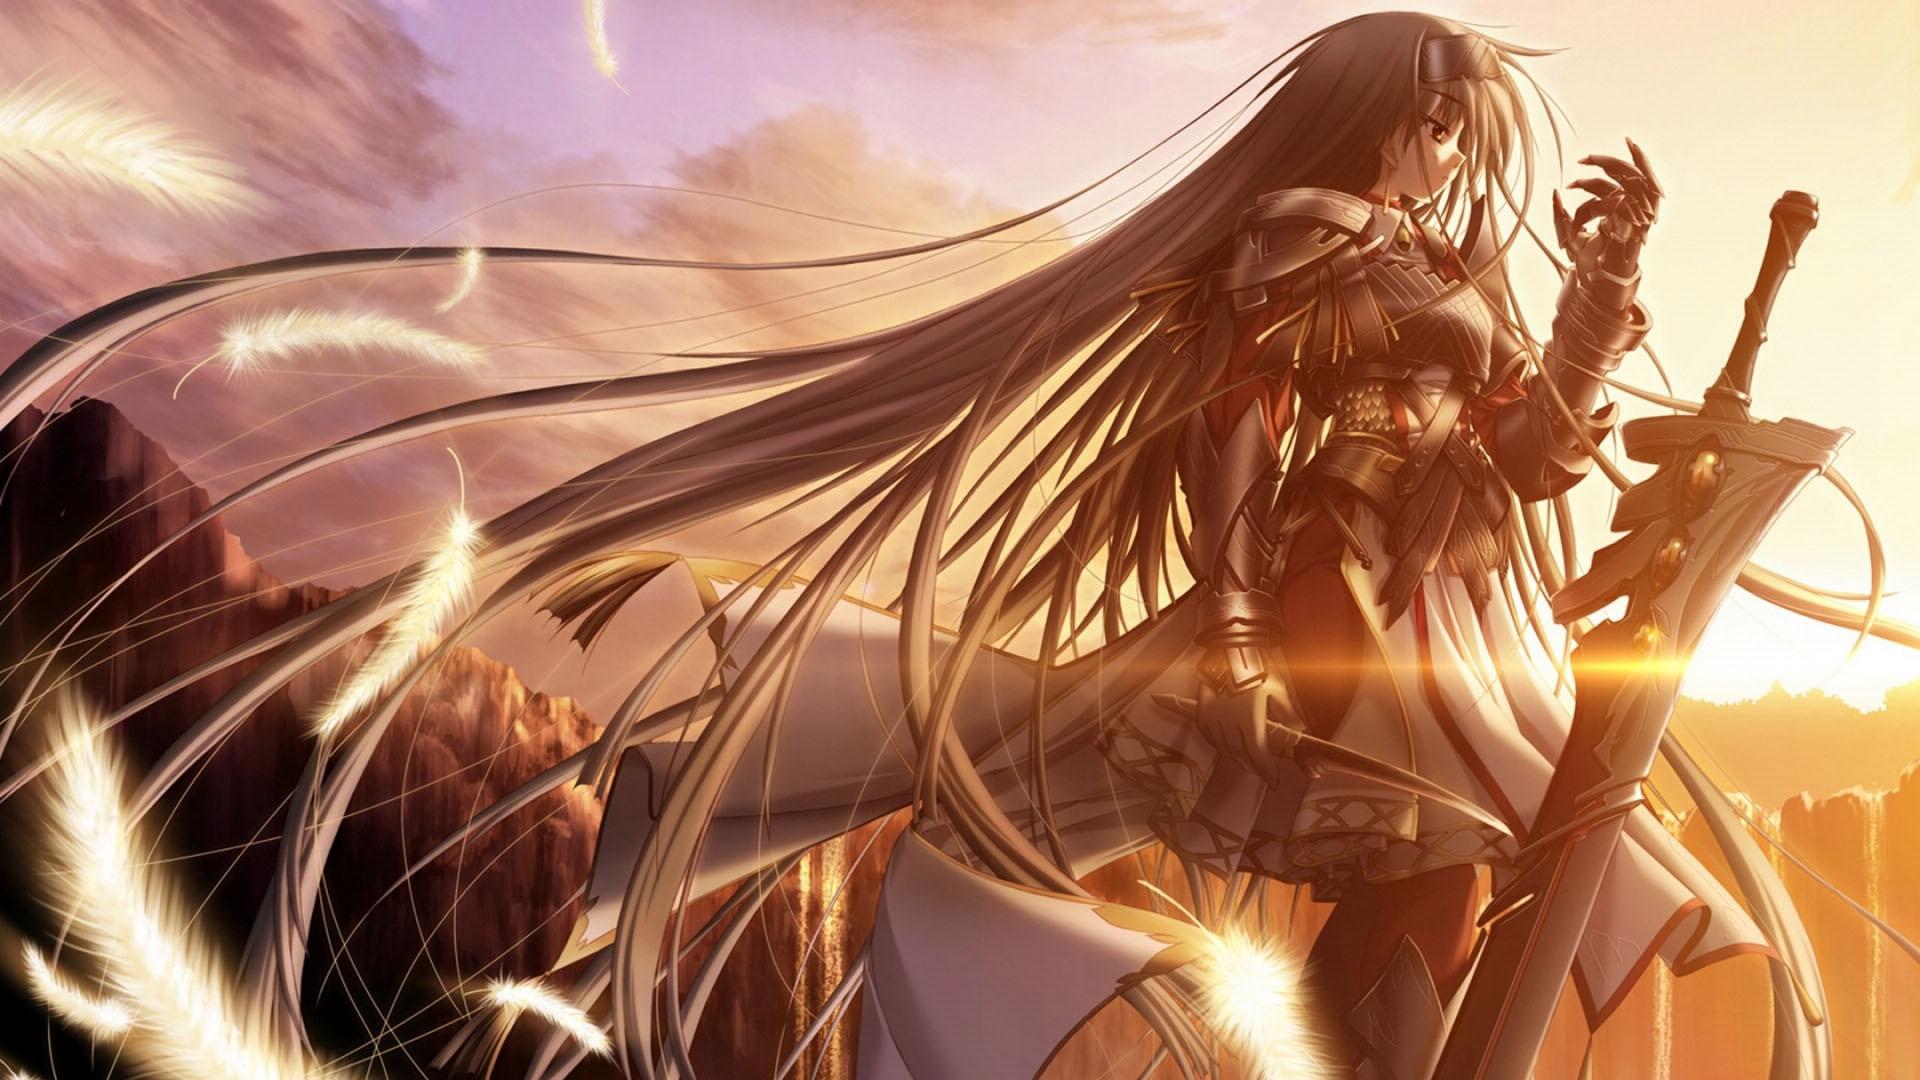 Download hintergrundbilder 1920x1080 full hd goldene sonne - Anime full hd download ...